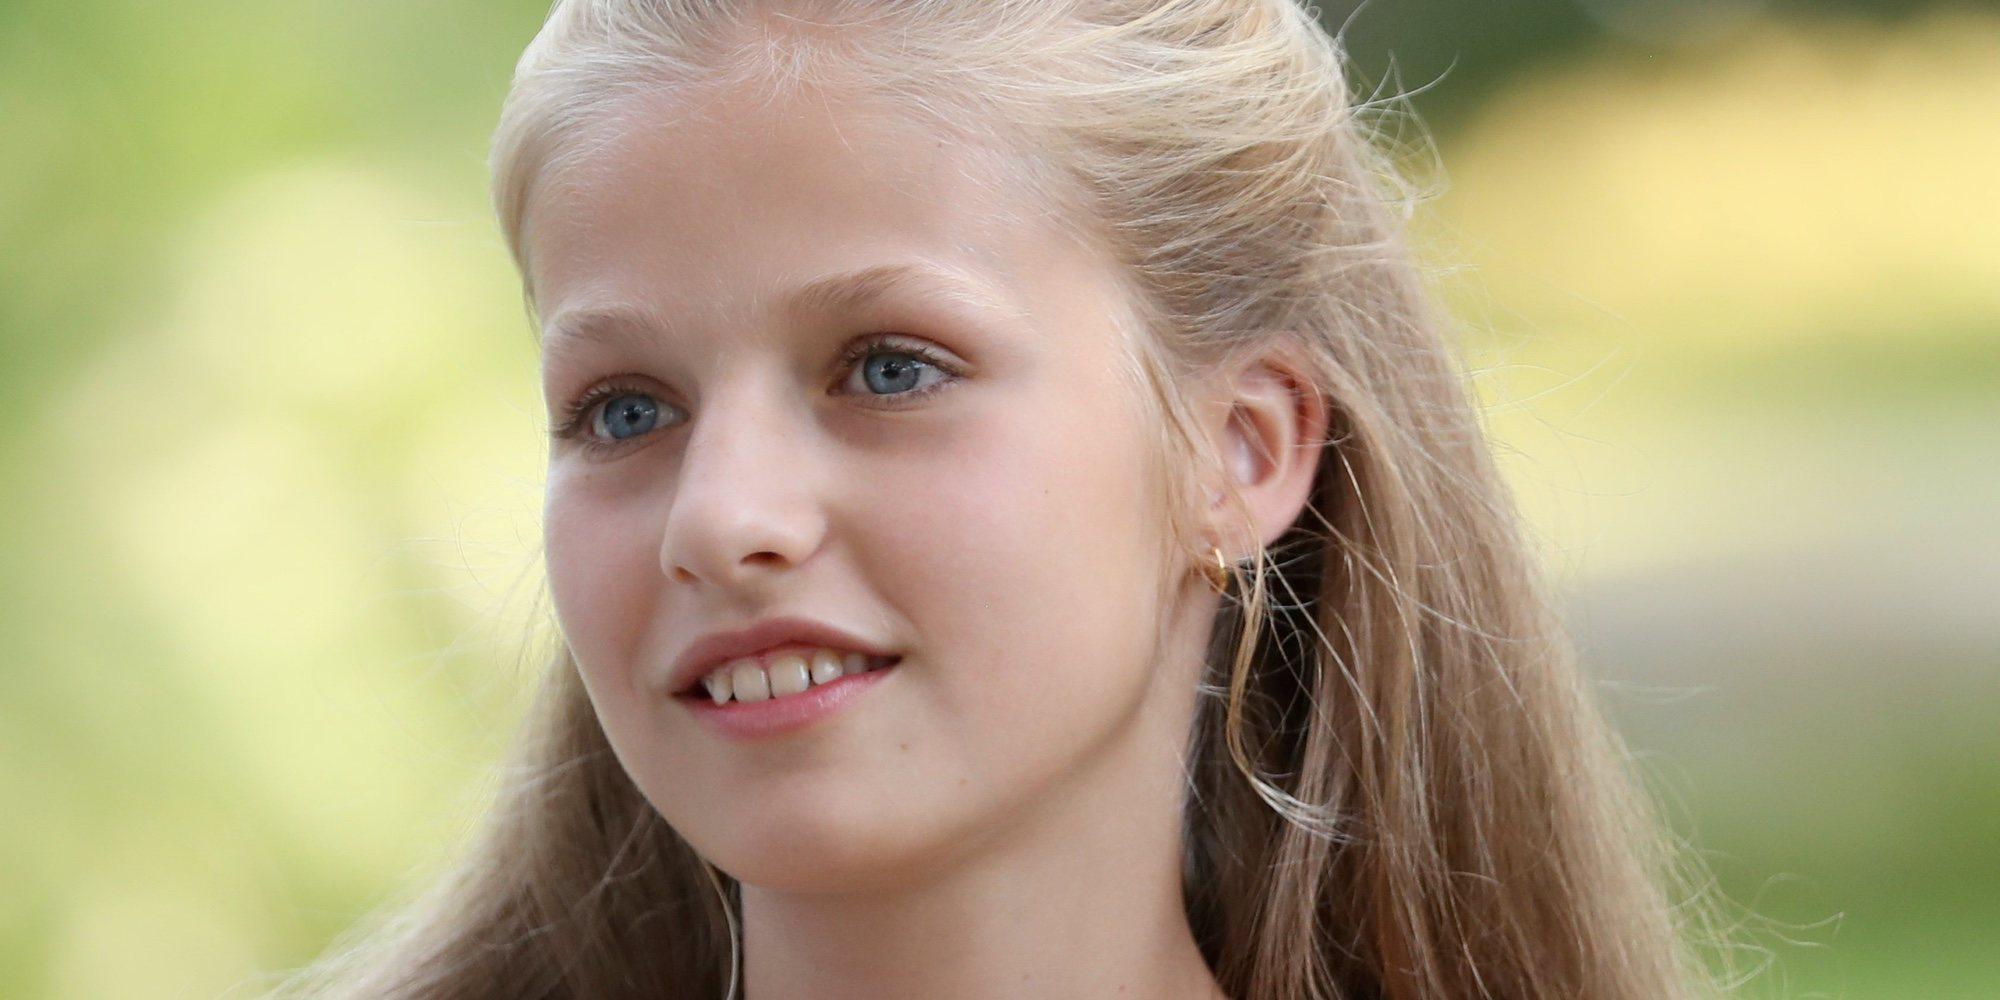 La Princesa Leonor dará dos discursos durante los actos por la entrega de los Premios Princesa de Asturias 2019